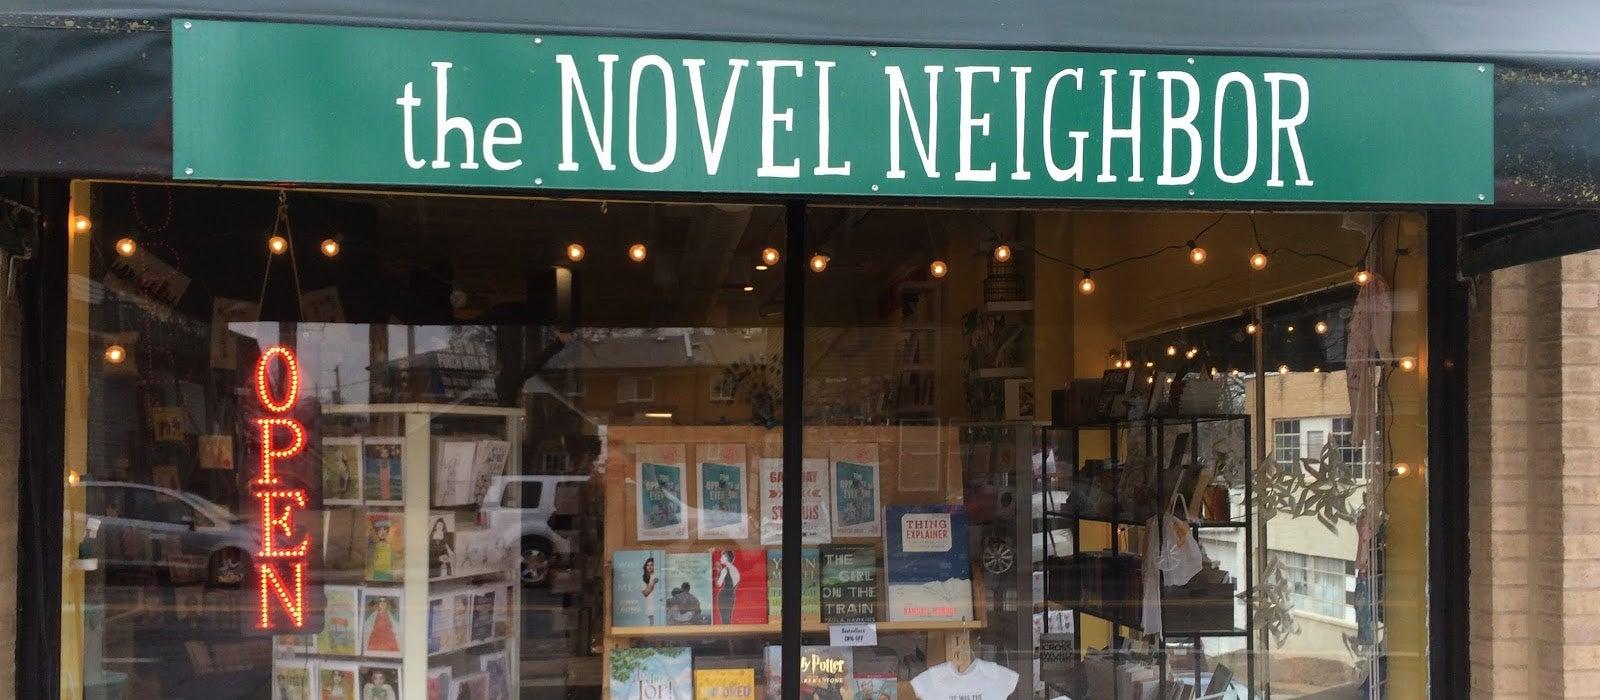 novel-neighbor-slide.JPG